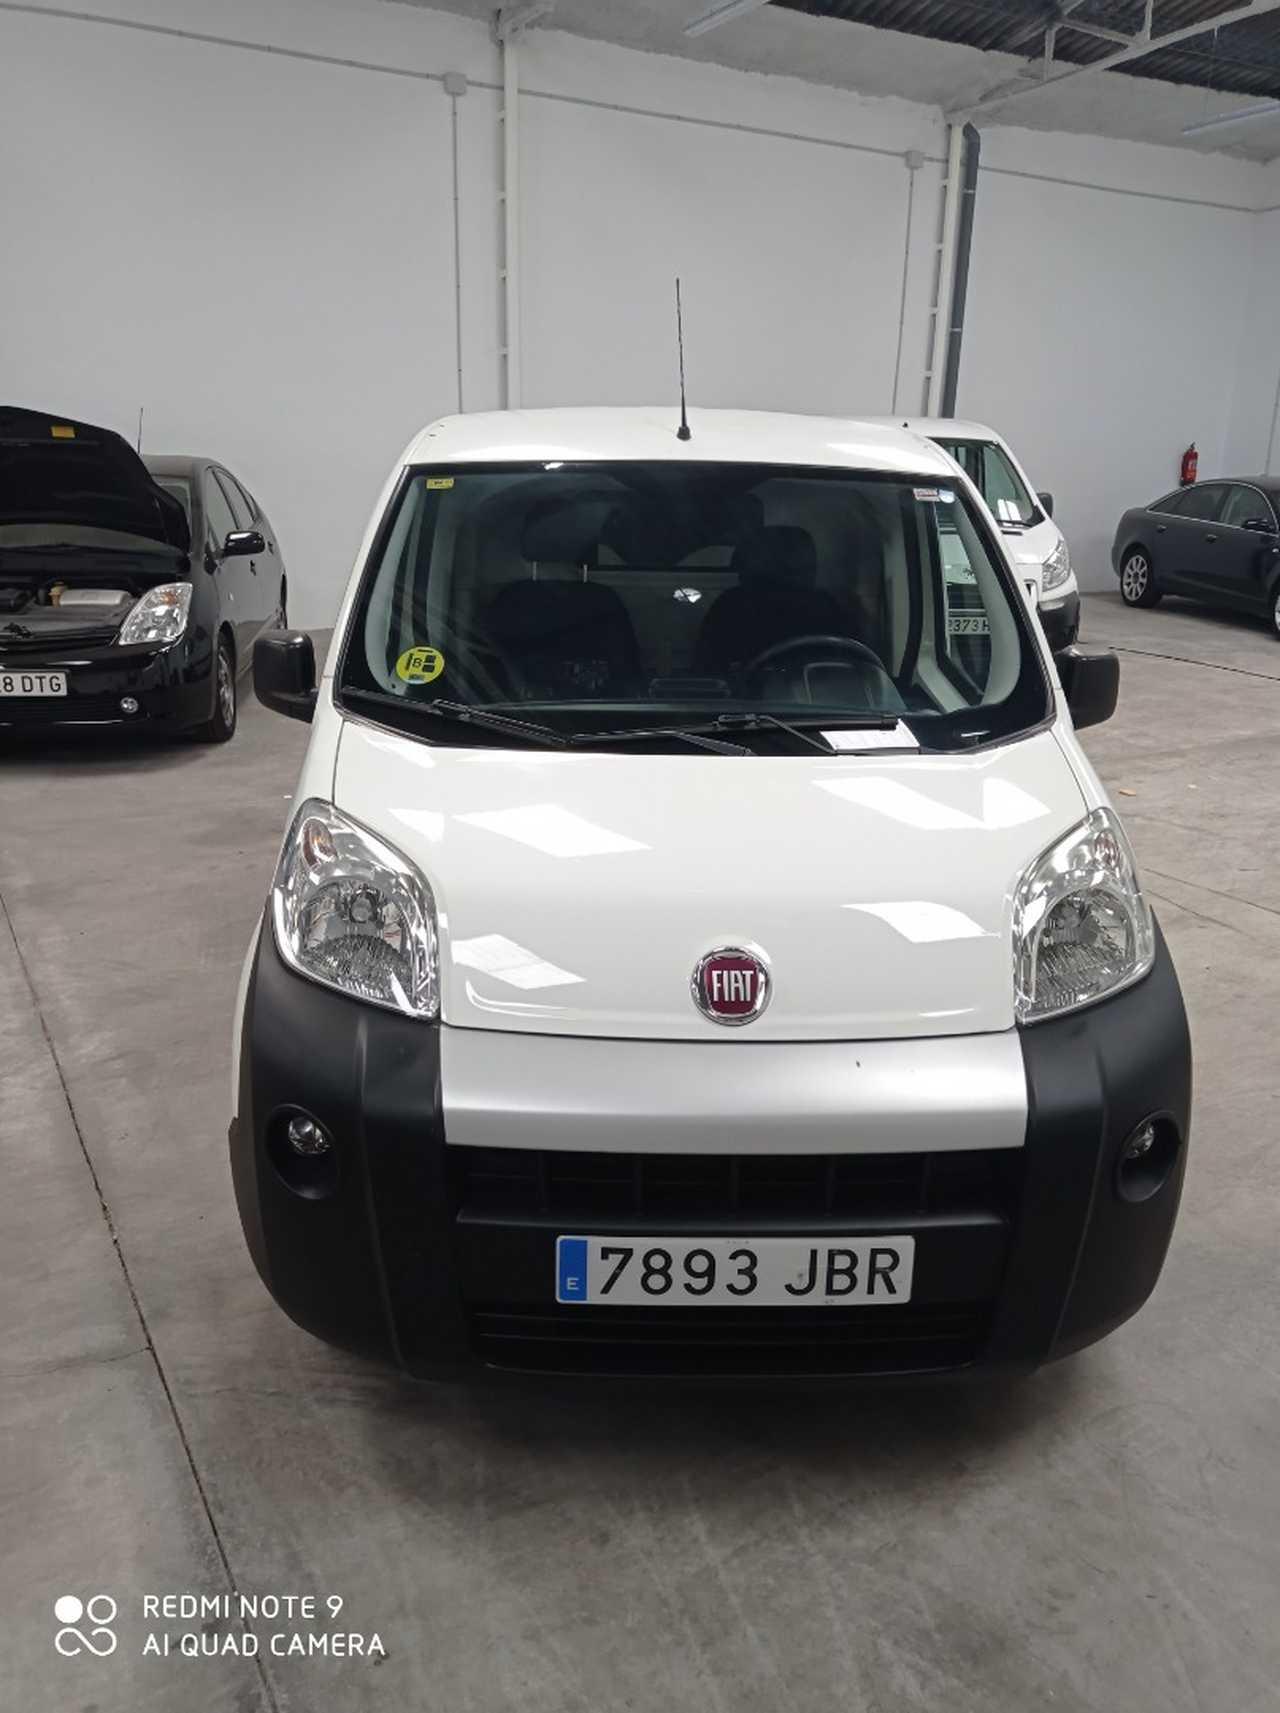 Fiat Fiorino 1.4 HDI uso privado no rent a car UN SOLO PROPIETARIO, CERTIFICADO DE KM Y CARROCERIA  - Foto 1